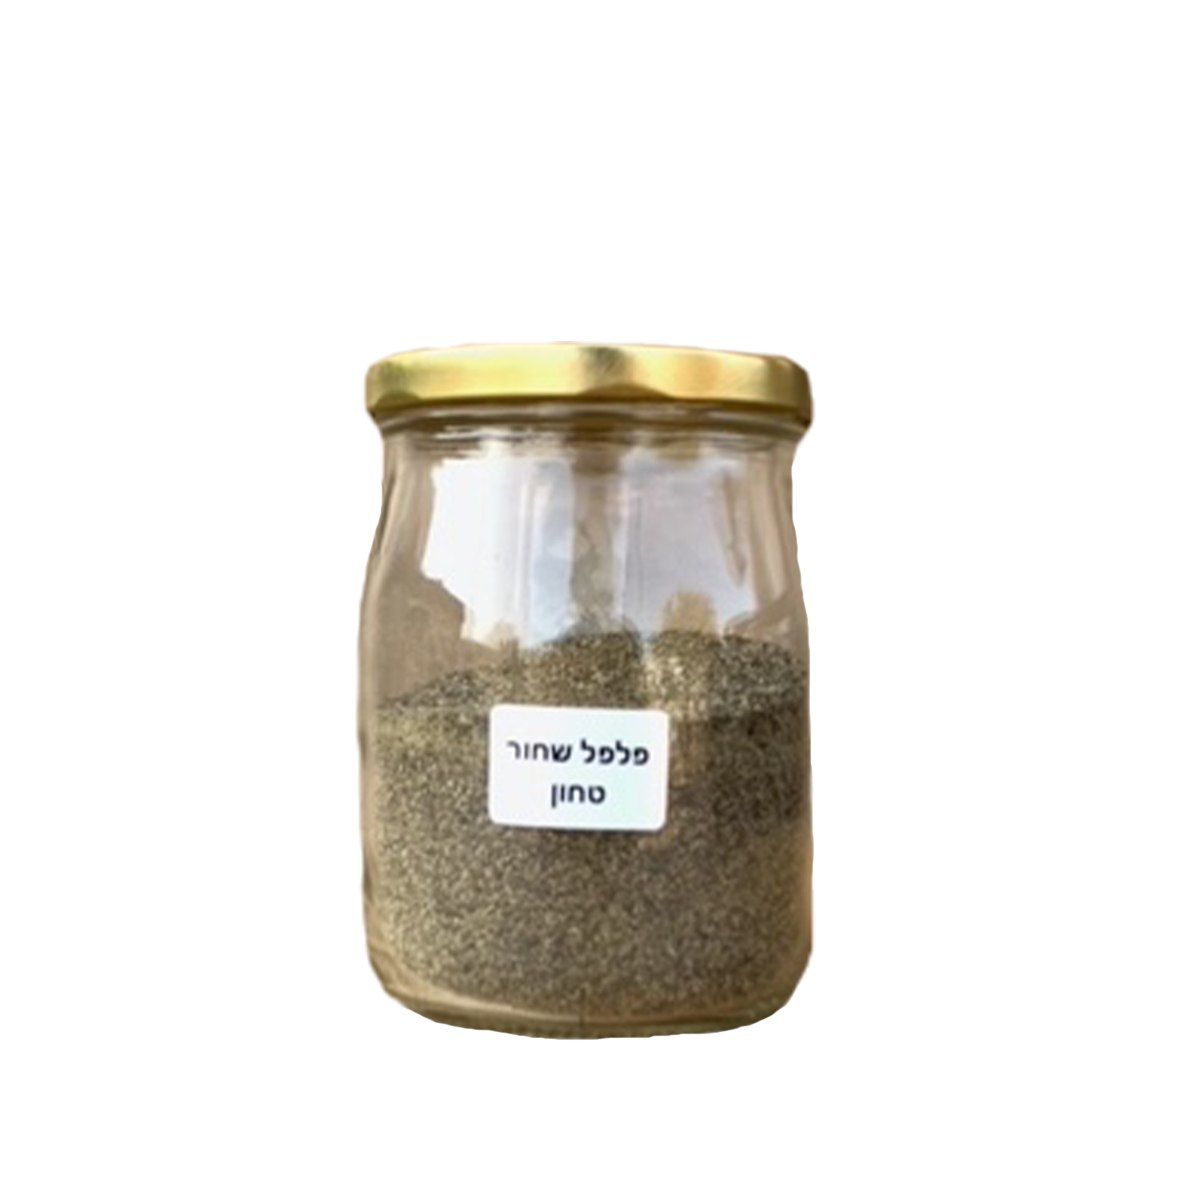 צנצנת פלפל שחור טחון 200 גרם